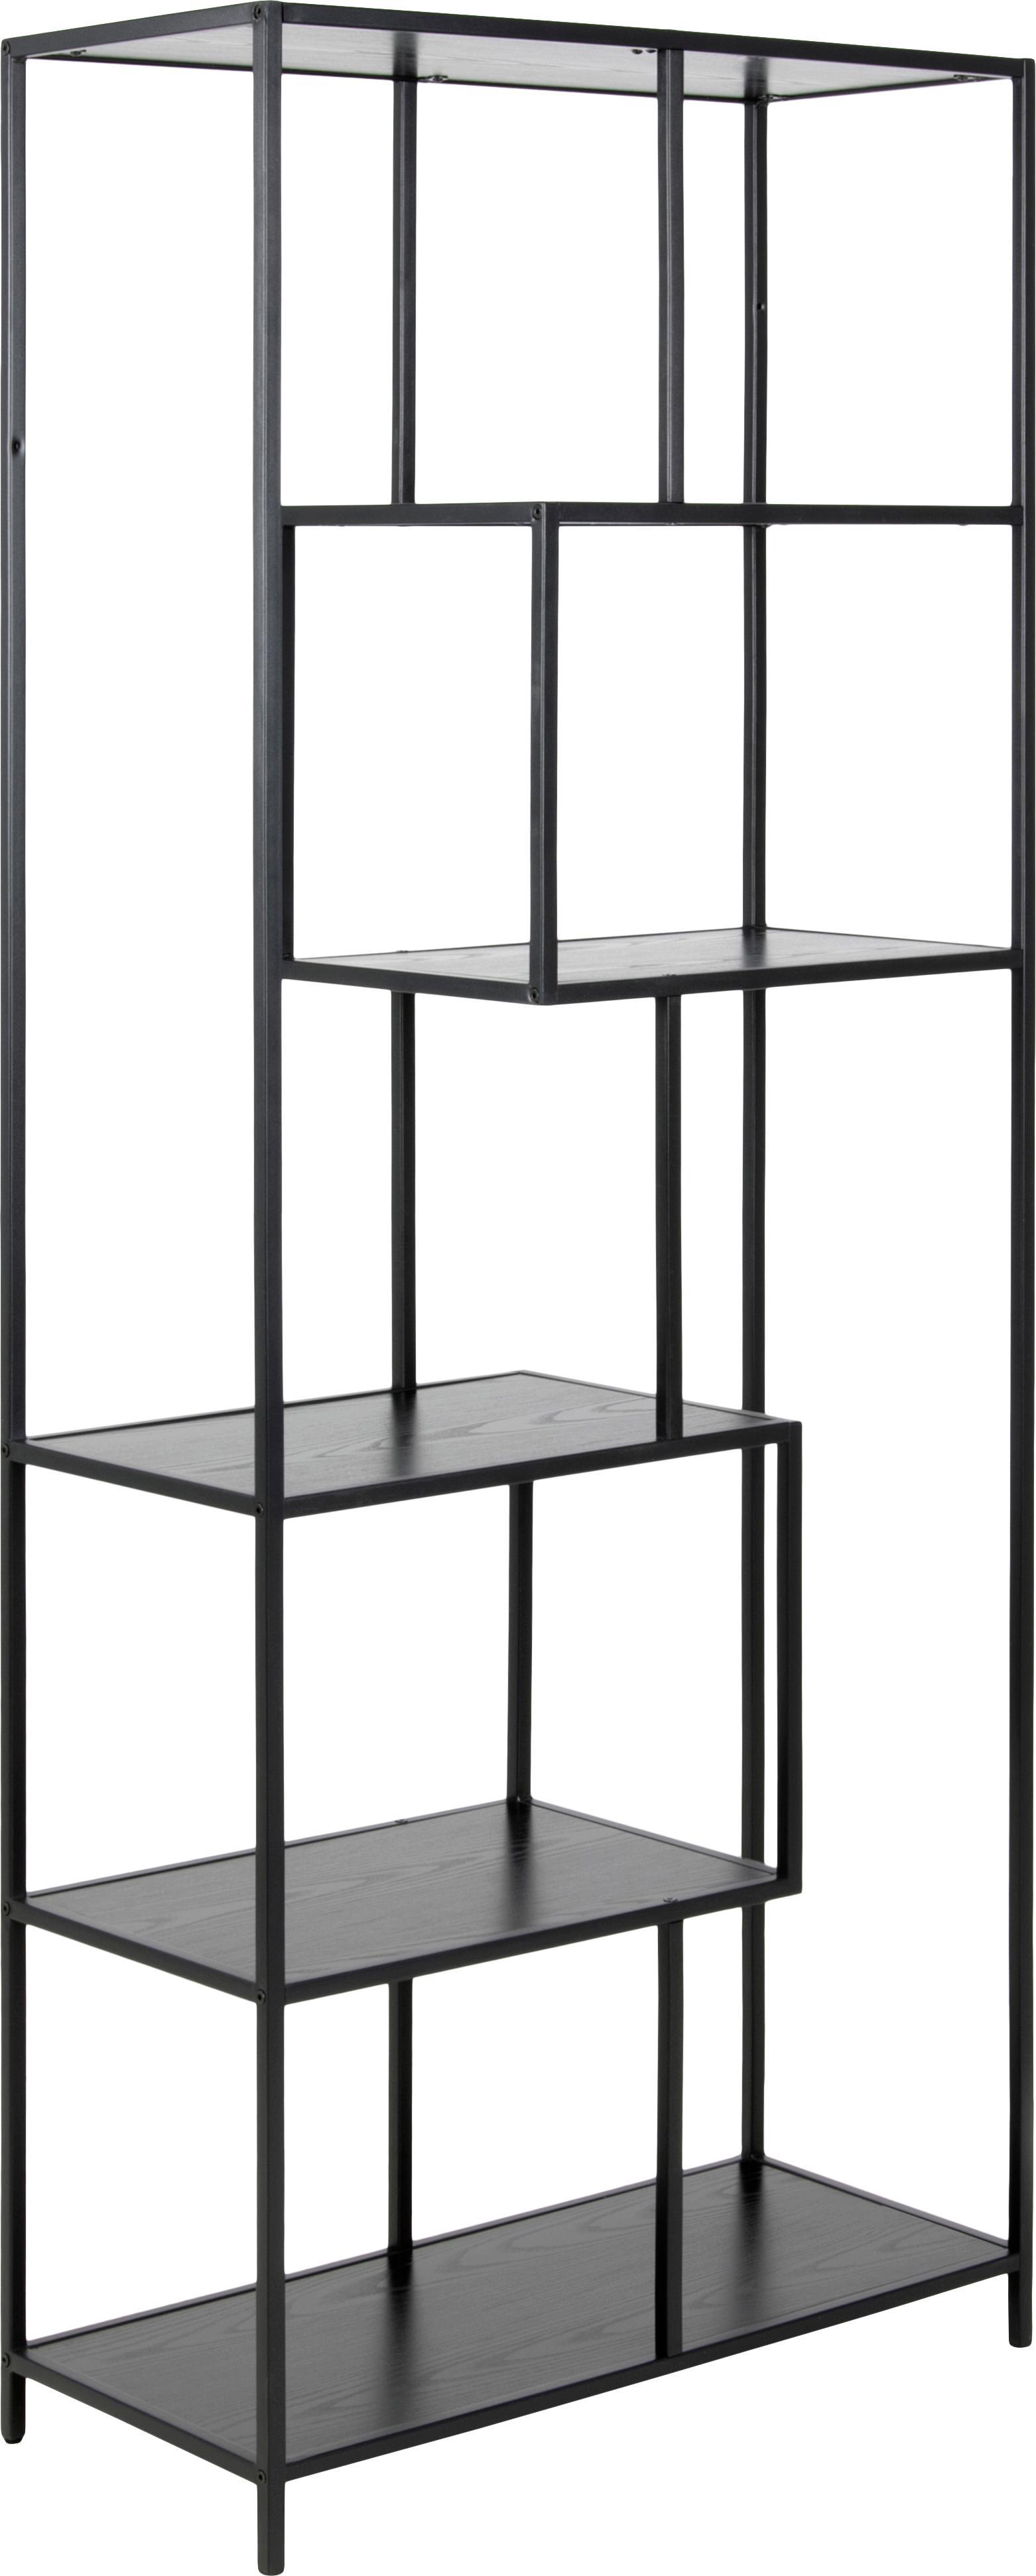 Libreria in legno e metallo Seaford Zig, Ripiani: pannello di fibra a media, Struttura: metallo verniciato a polv, Nero, Larg. 77 x Alt. 185 cm